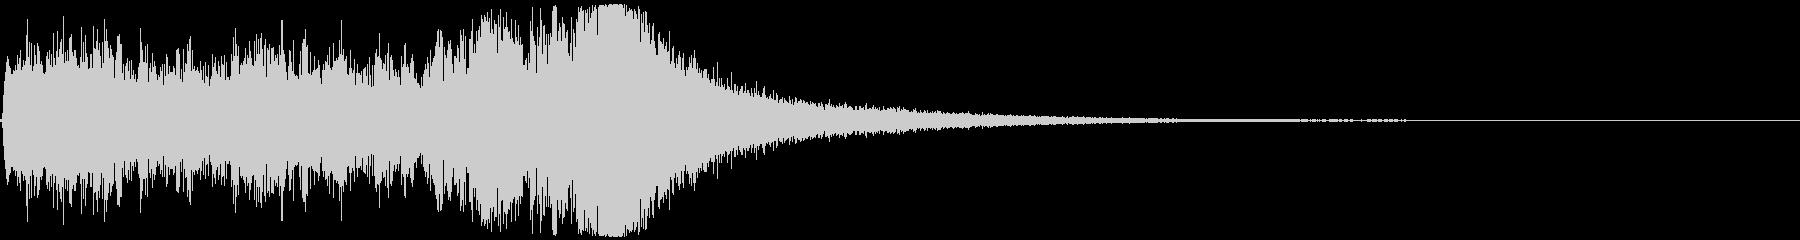 短めのドラムロール(抽選、コンテスト)の未再生の波形